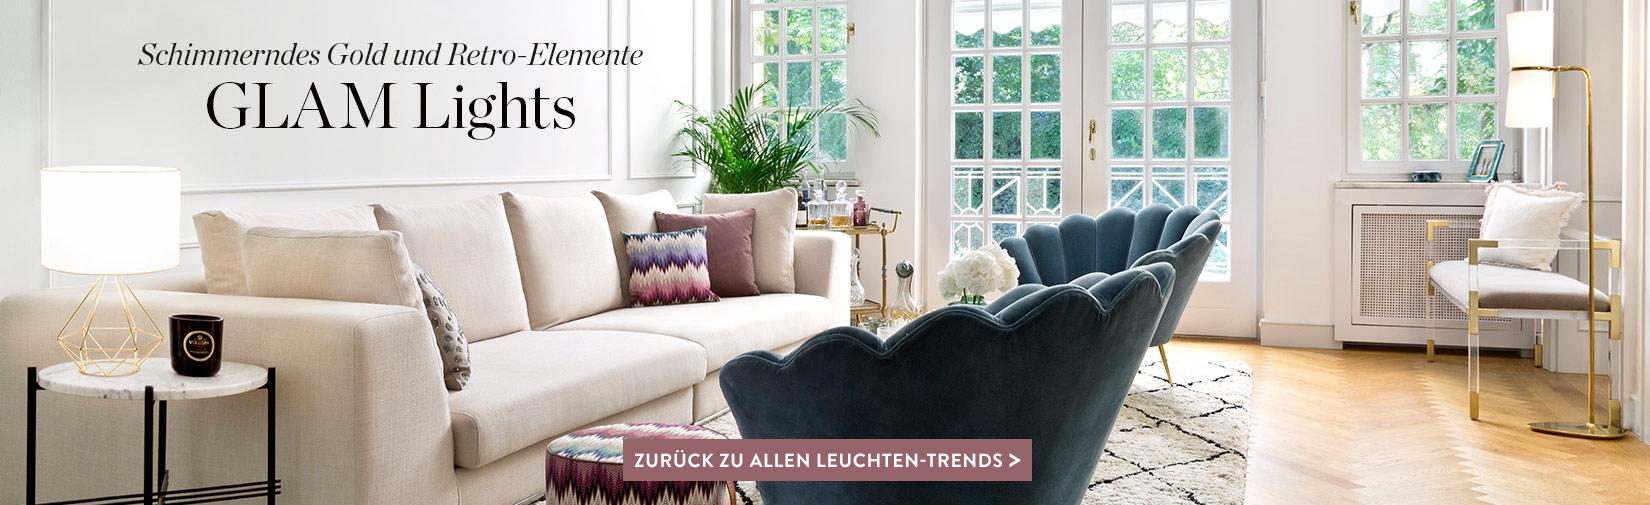 LP_Leuchtend_trends_Glam_Desktop